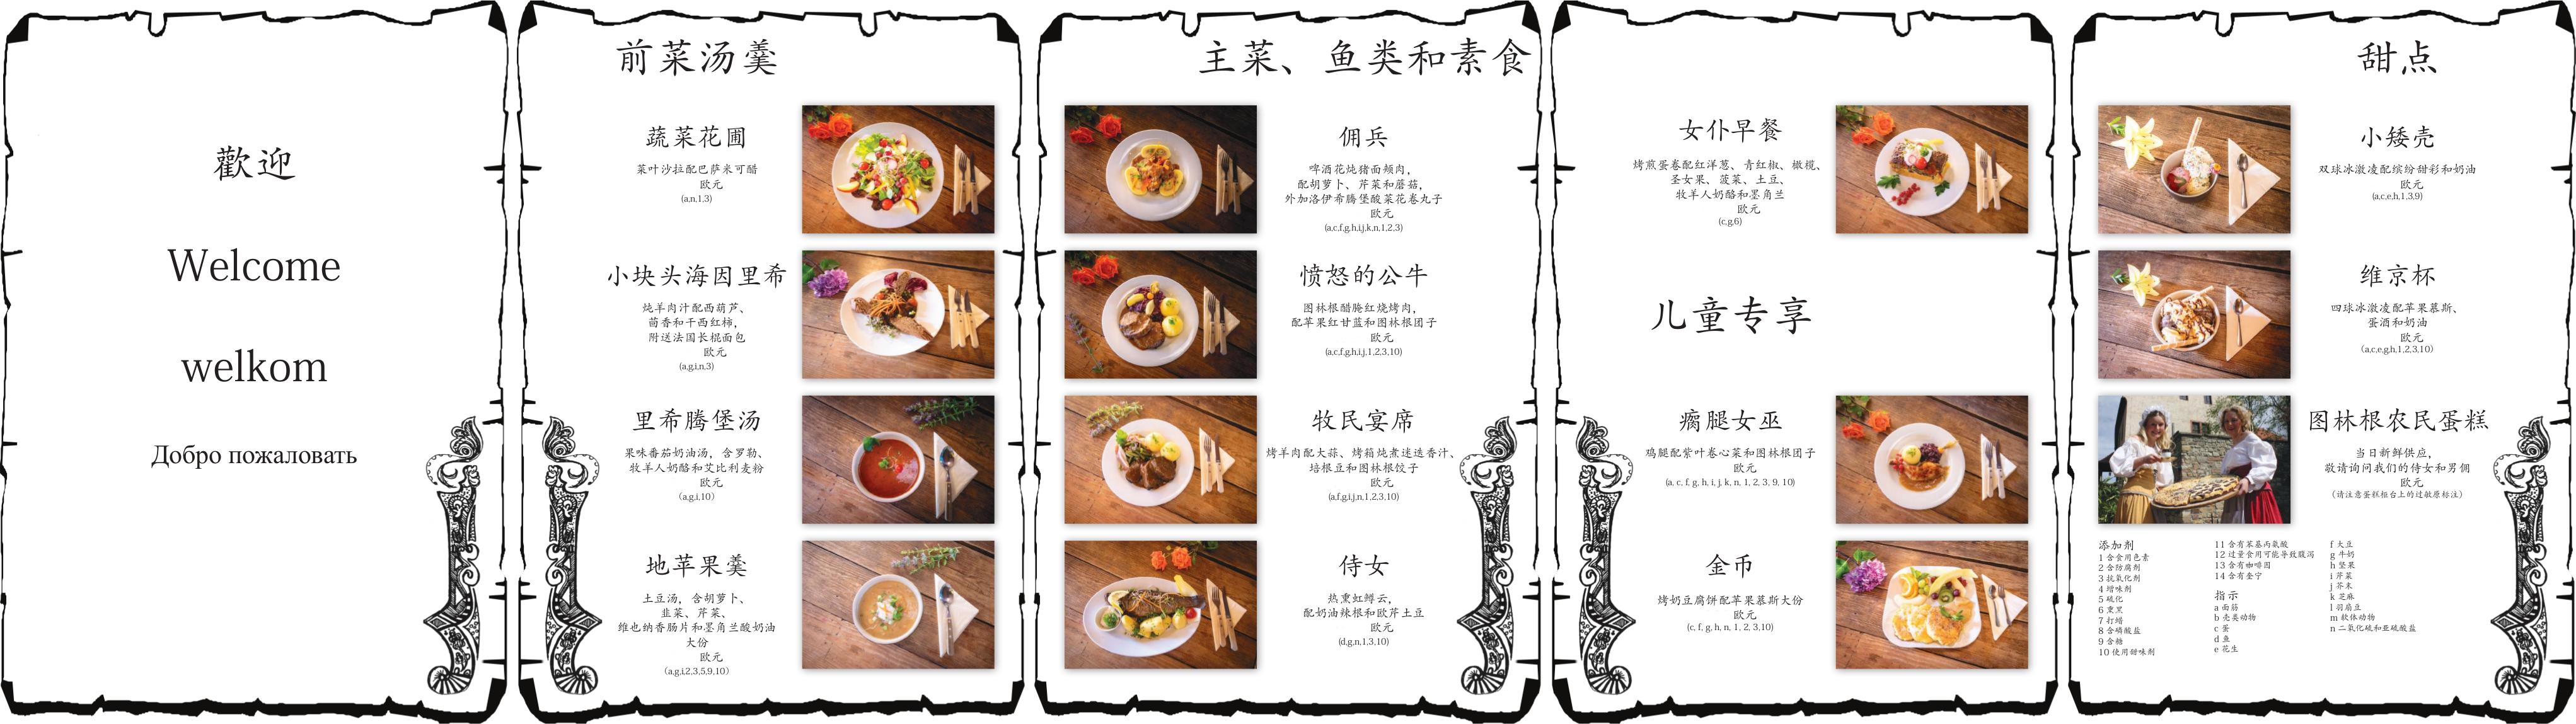 Speisekarte auf chinesich und russisch in der Burgschänke der Leuchtenburg